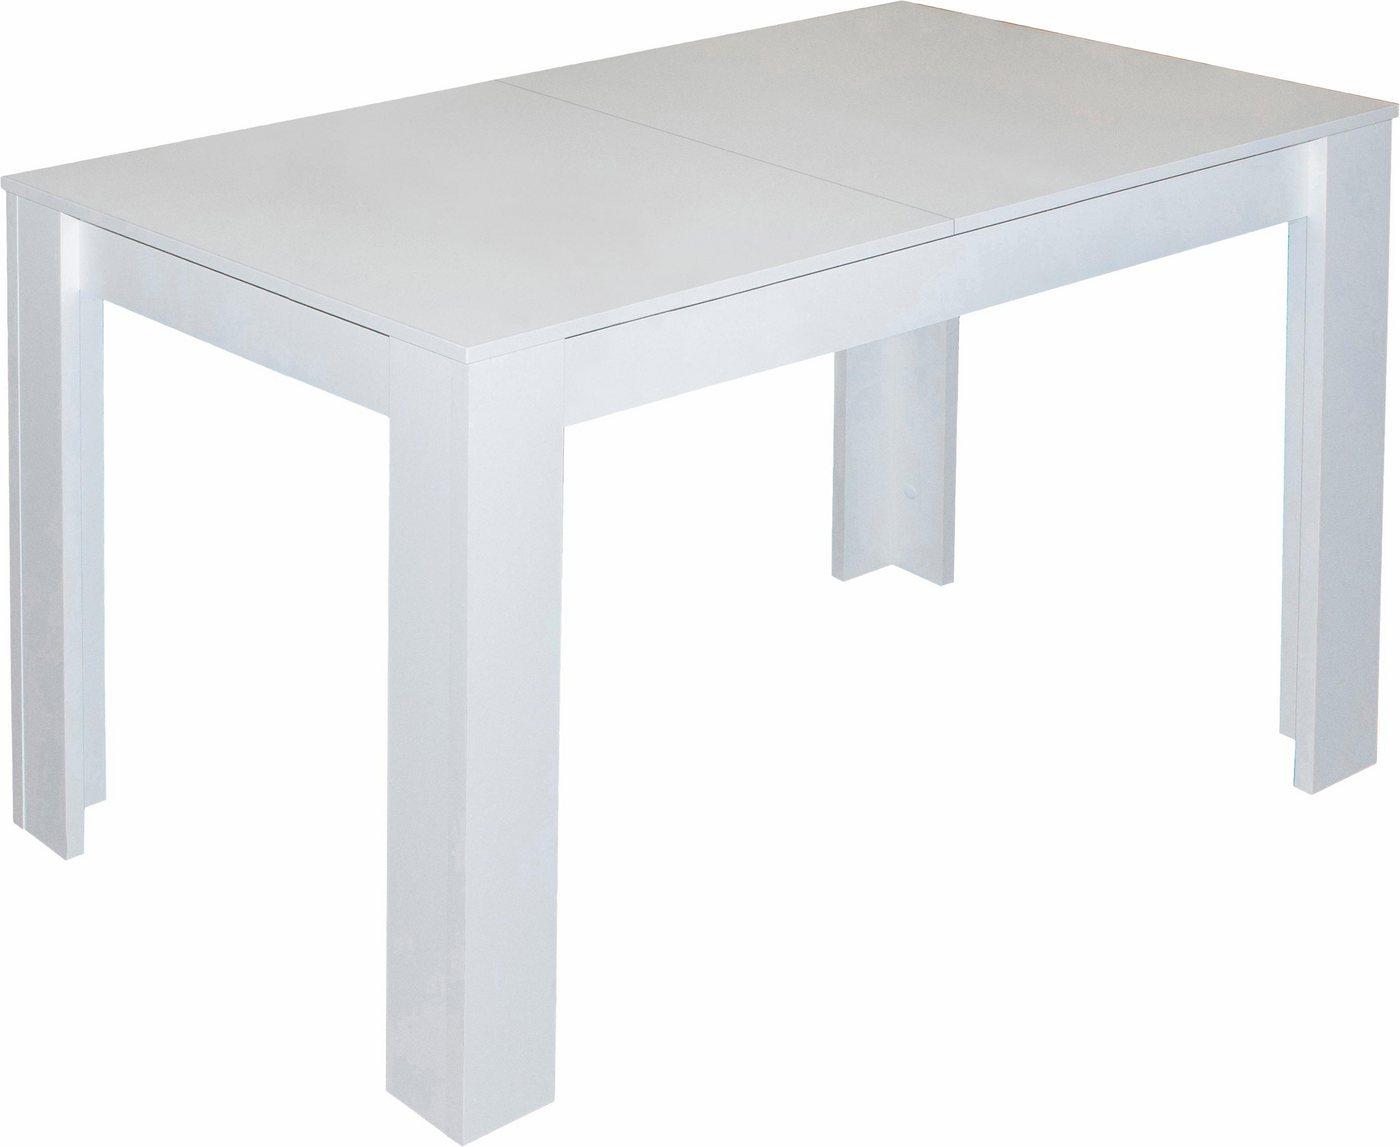 Eettafel, breedte 80x110x120 cm met lade